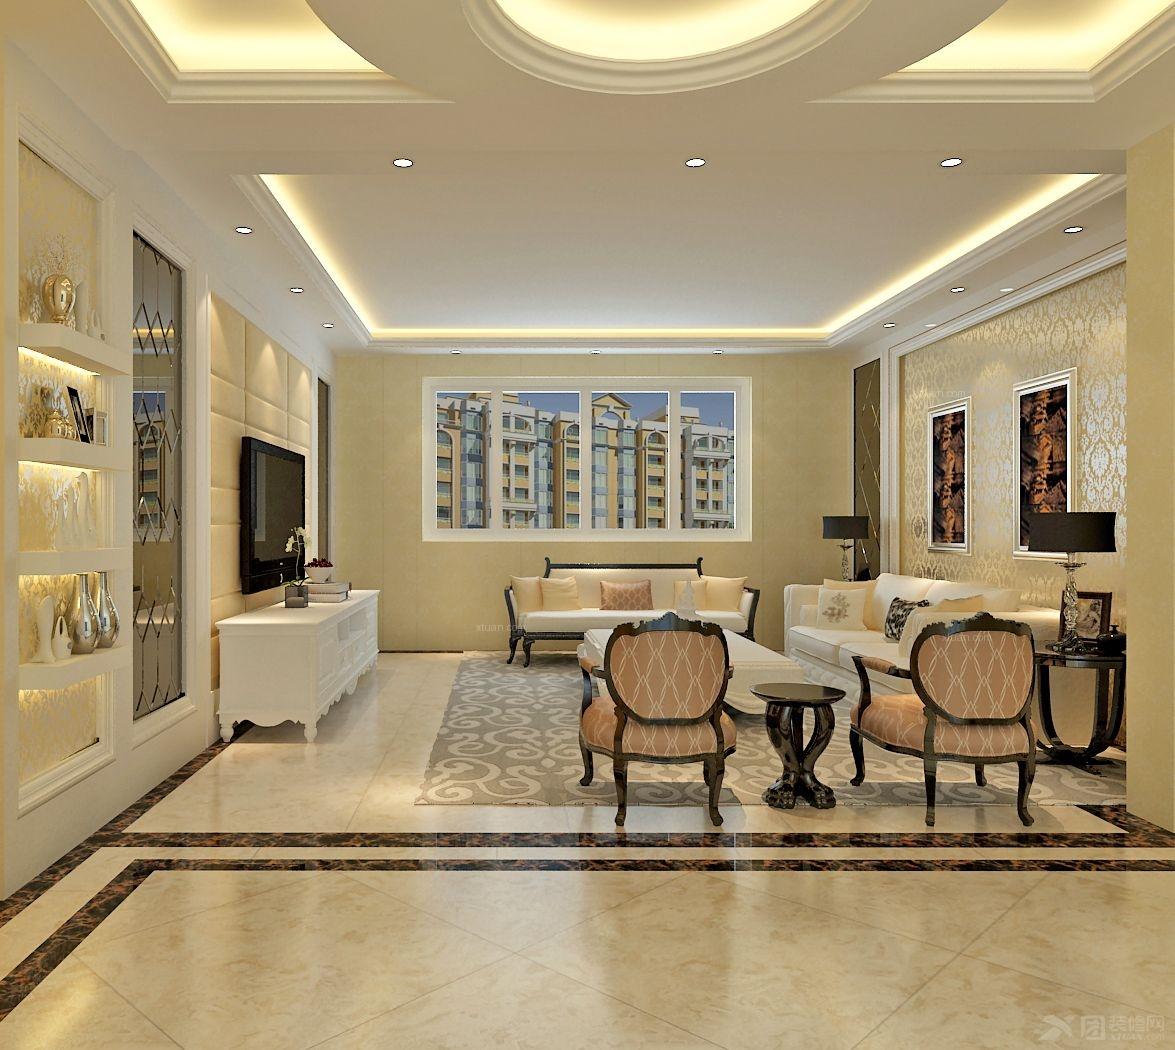 套间客厅装修效果图  户型:三室一厅 房间:客厅 风格:现代简约 装修